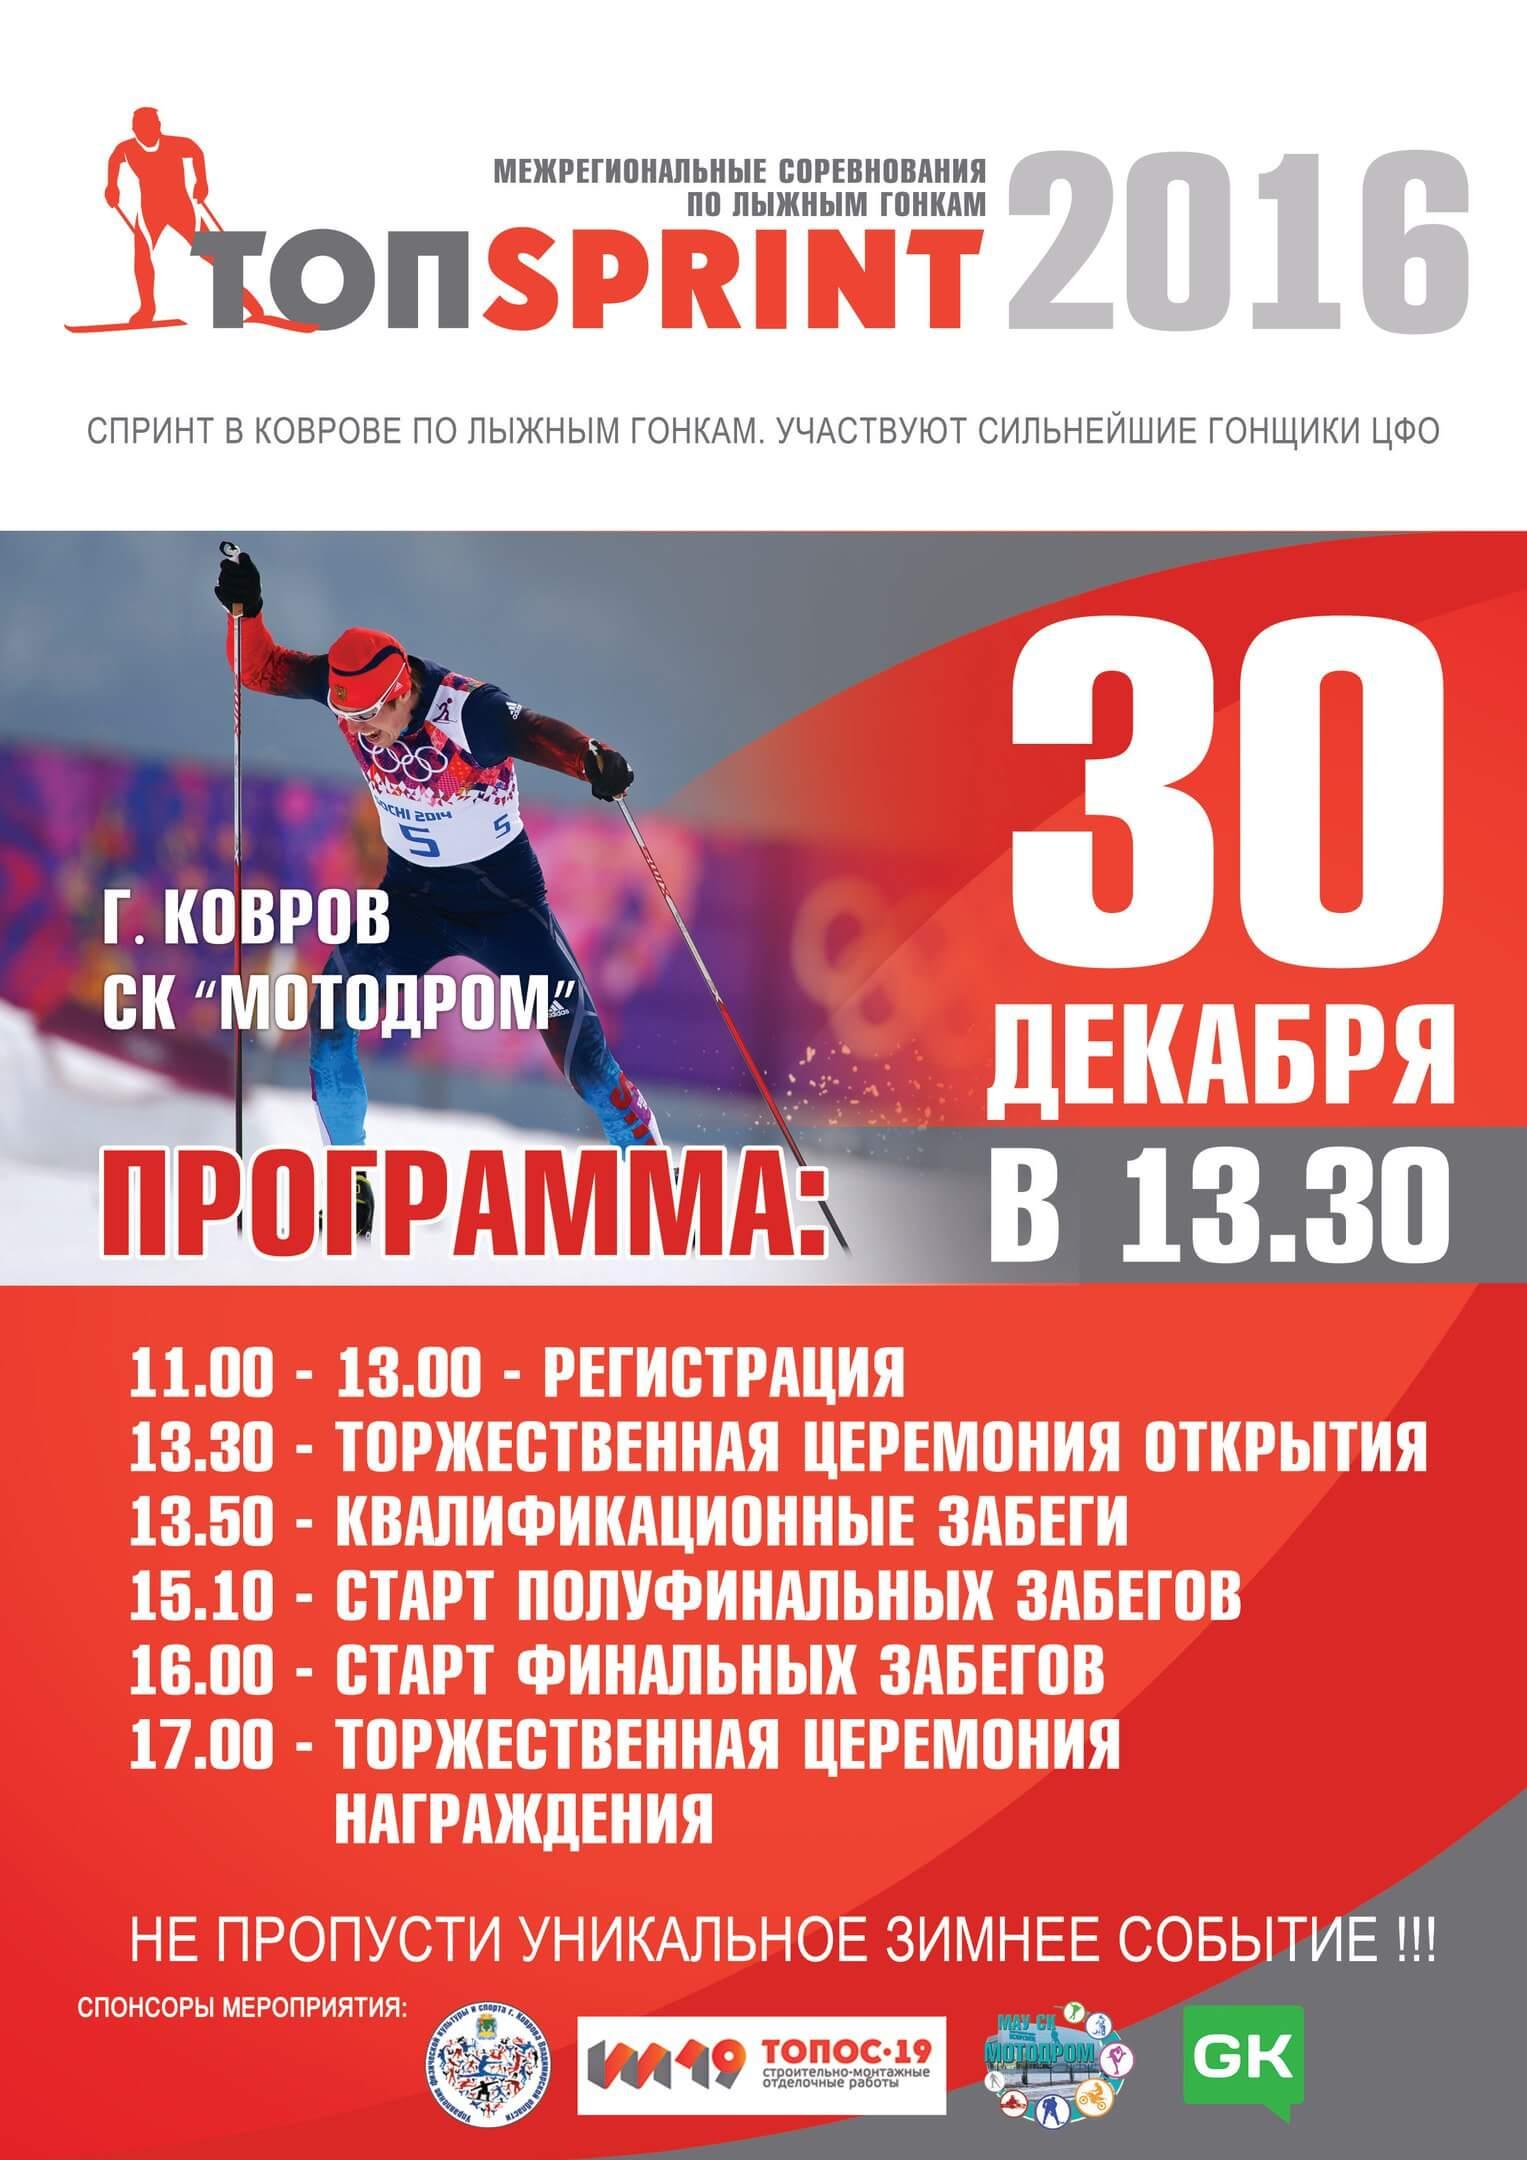 Афиша - Соревнованиях по лыжным гонкам ТопSprint 2016 в Коврове